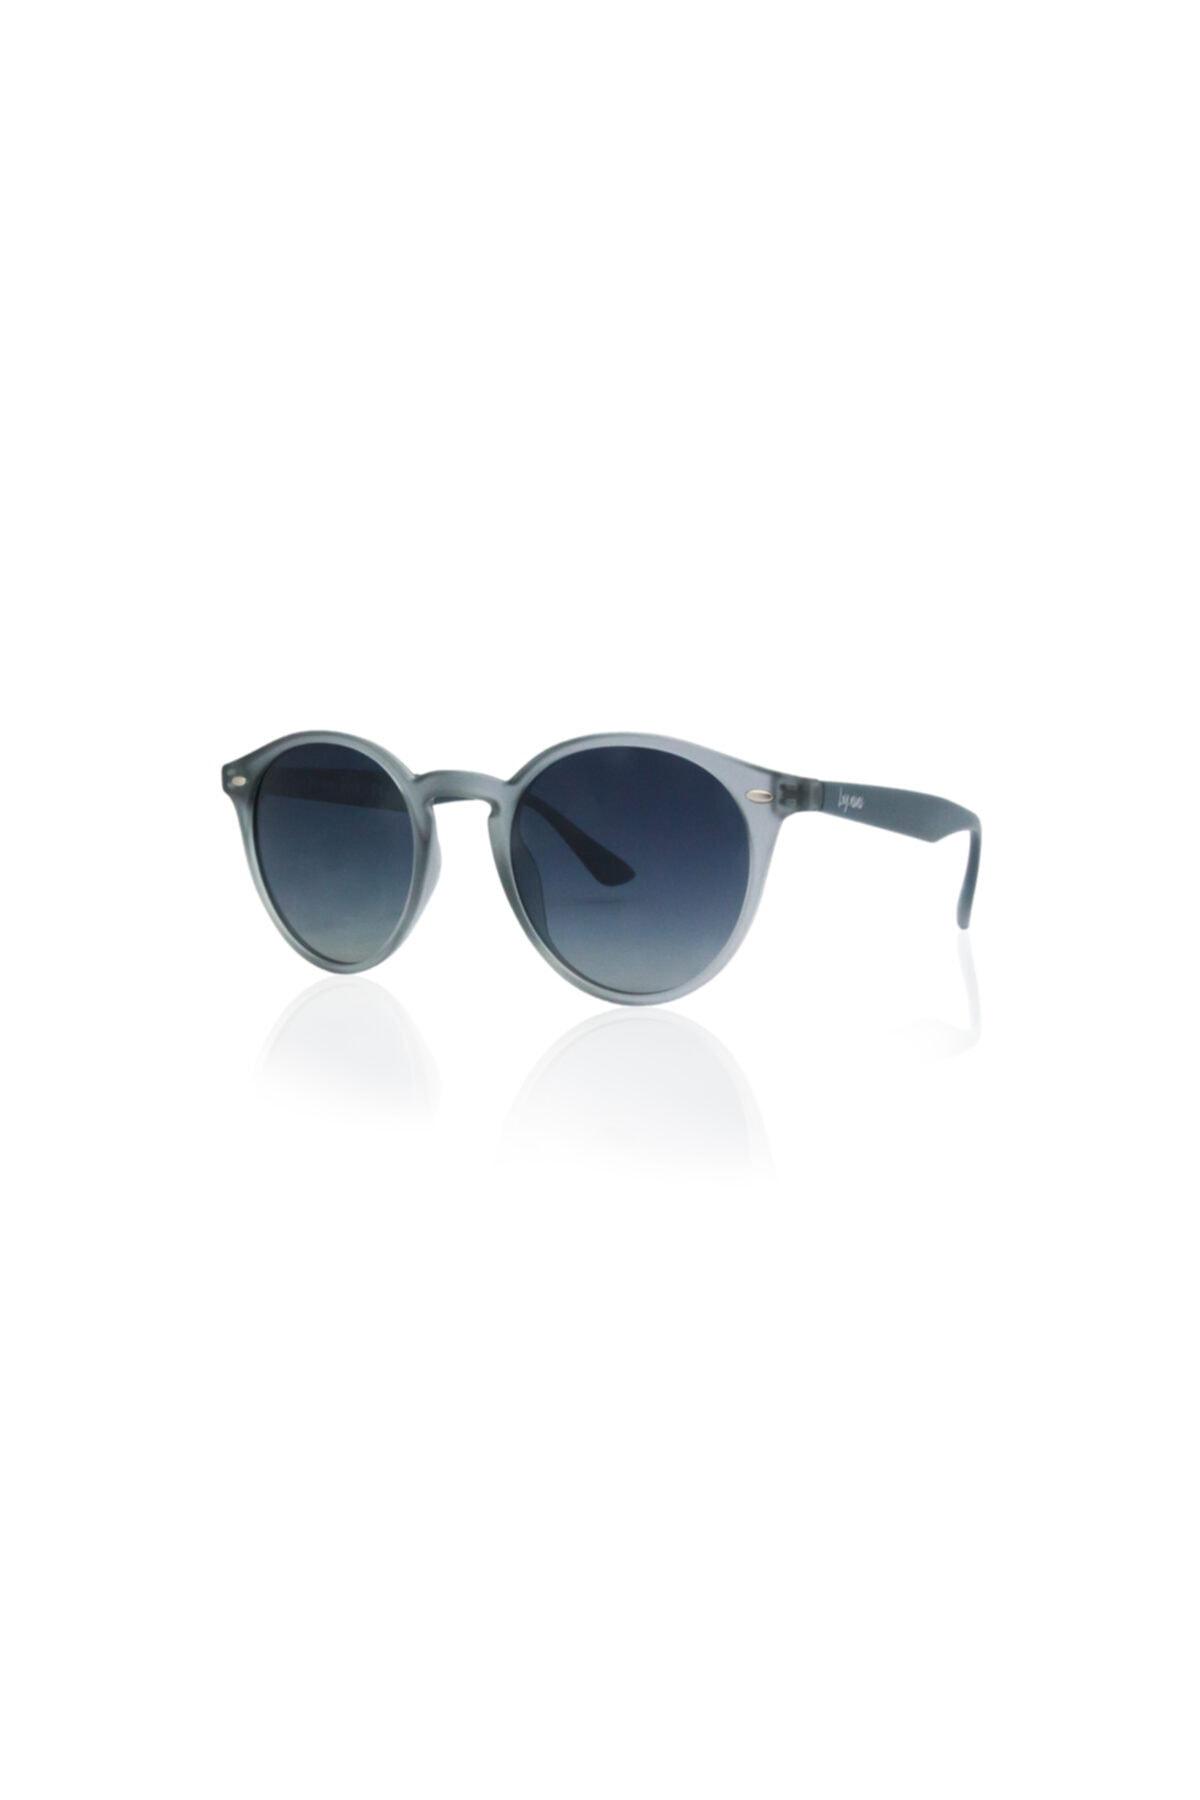 خرید مستقیم عینک آفتابی جدید برند By Nini رنگ نقره ای کد ty47010893